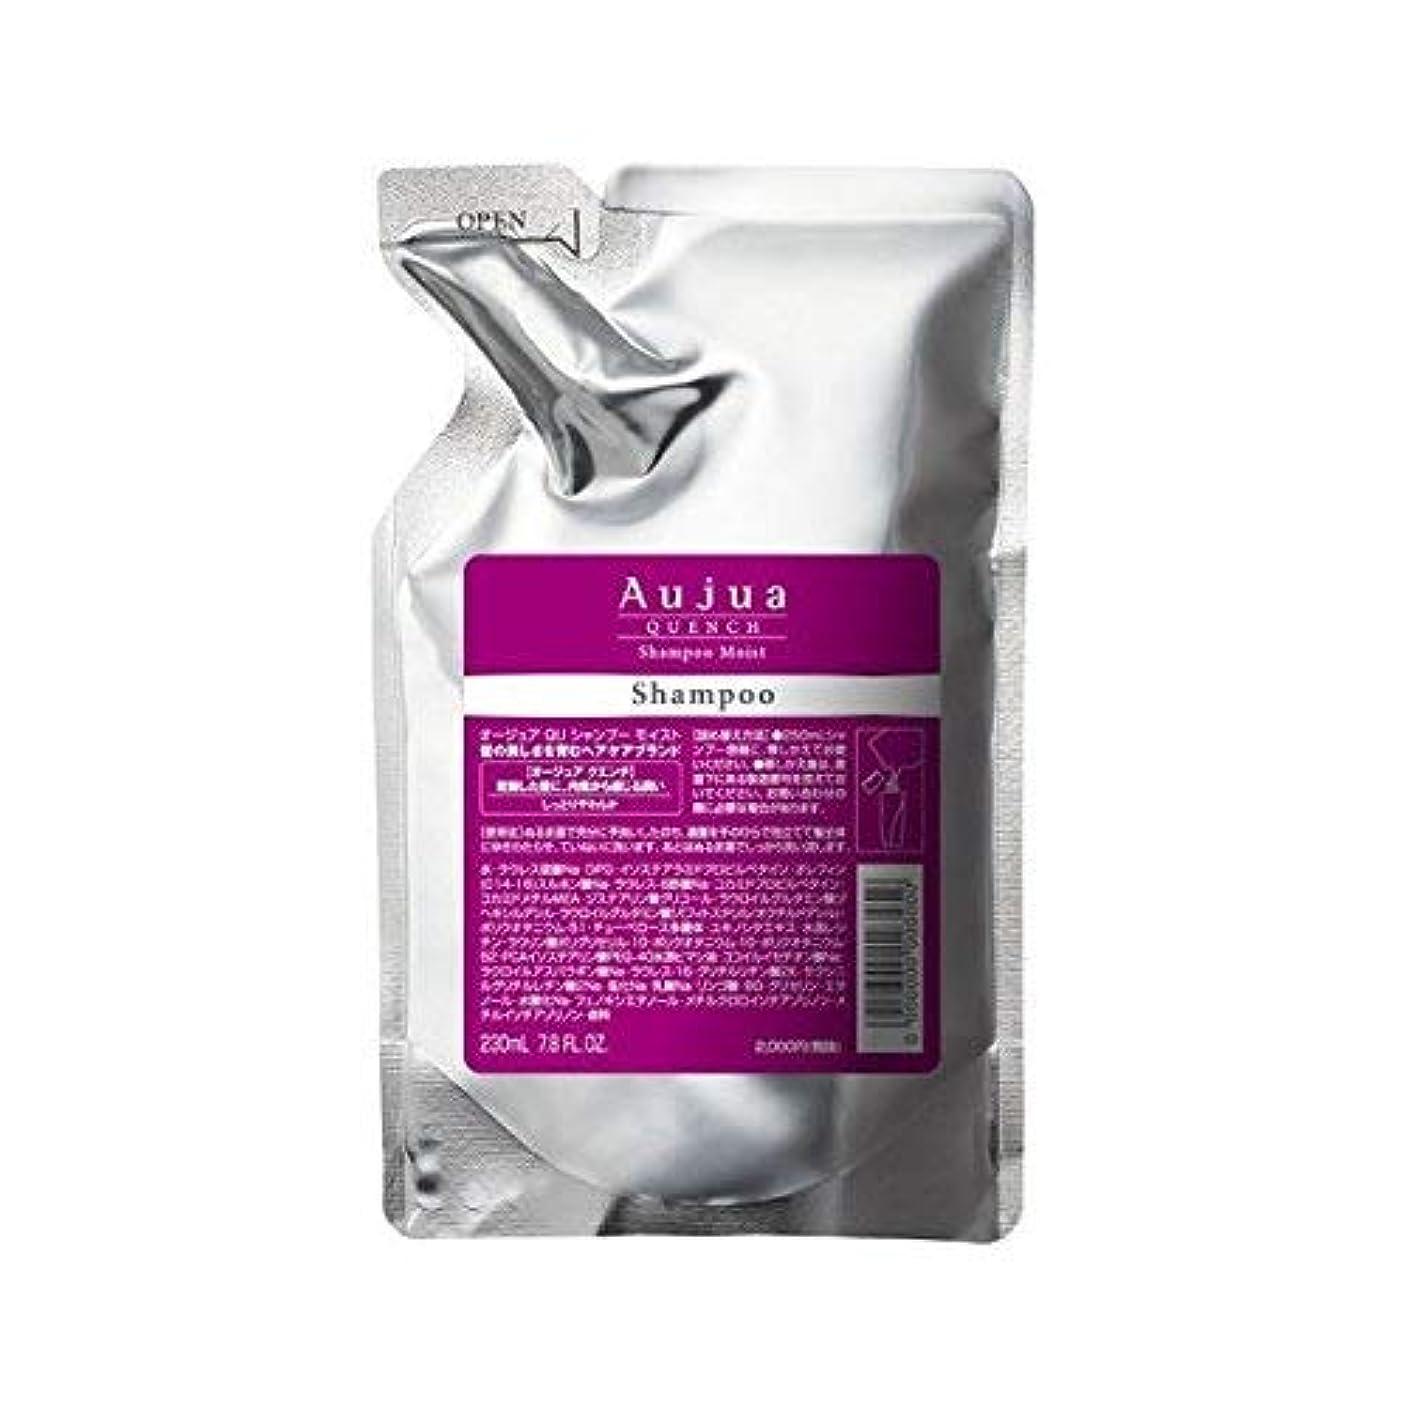 消毒する豆腐許可ミルボン オージュア QUM クエンチ モイスト シャンプー1000ml(正規品)※アイズのまつ毛コーム付き